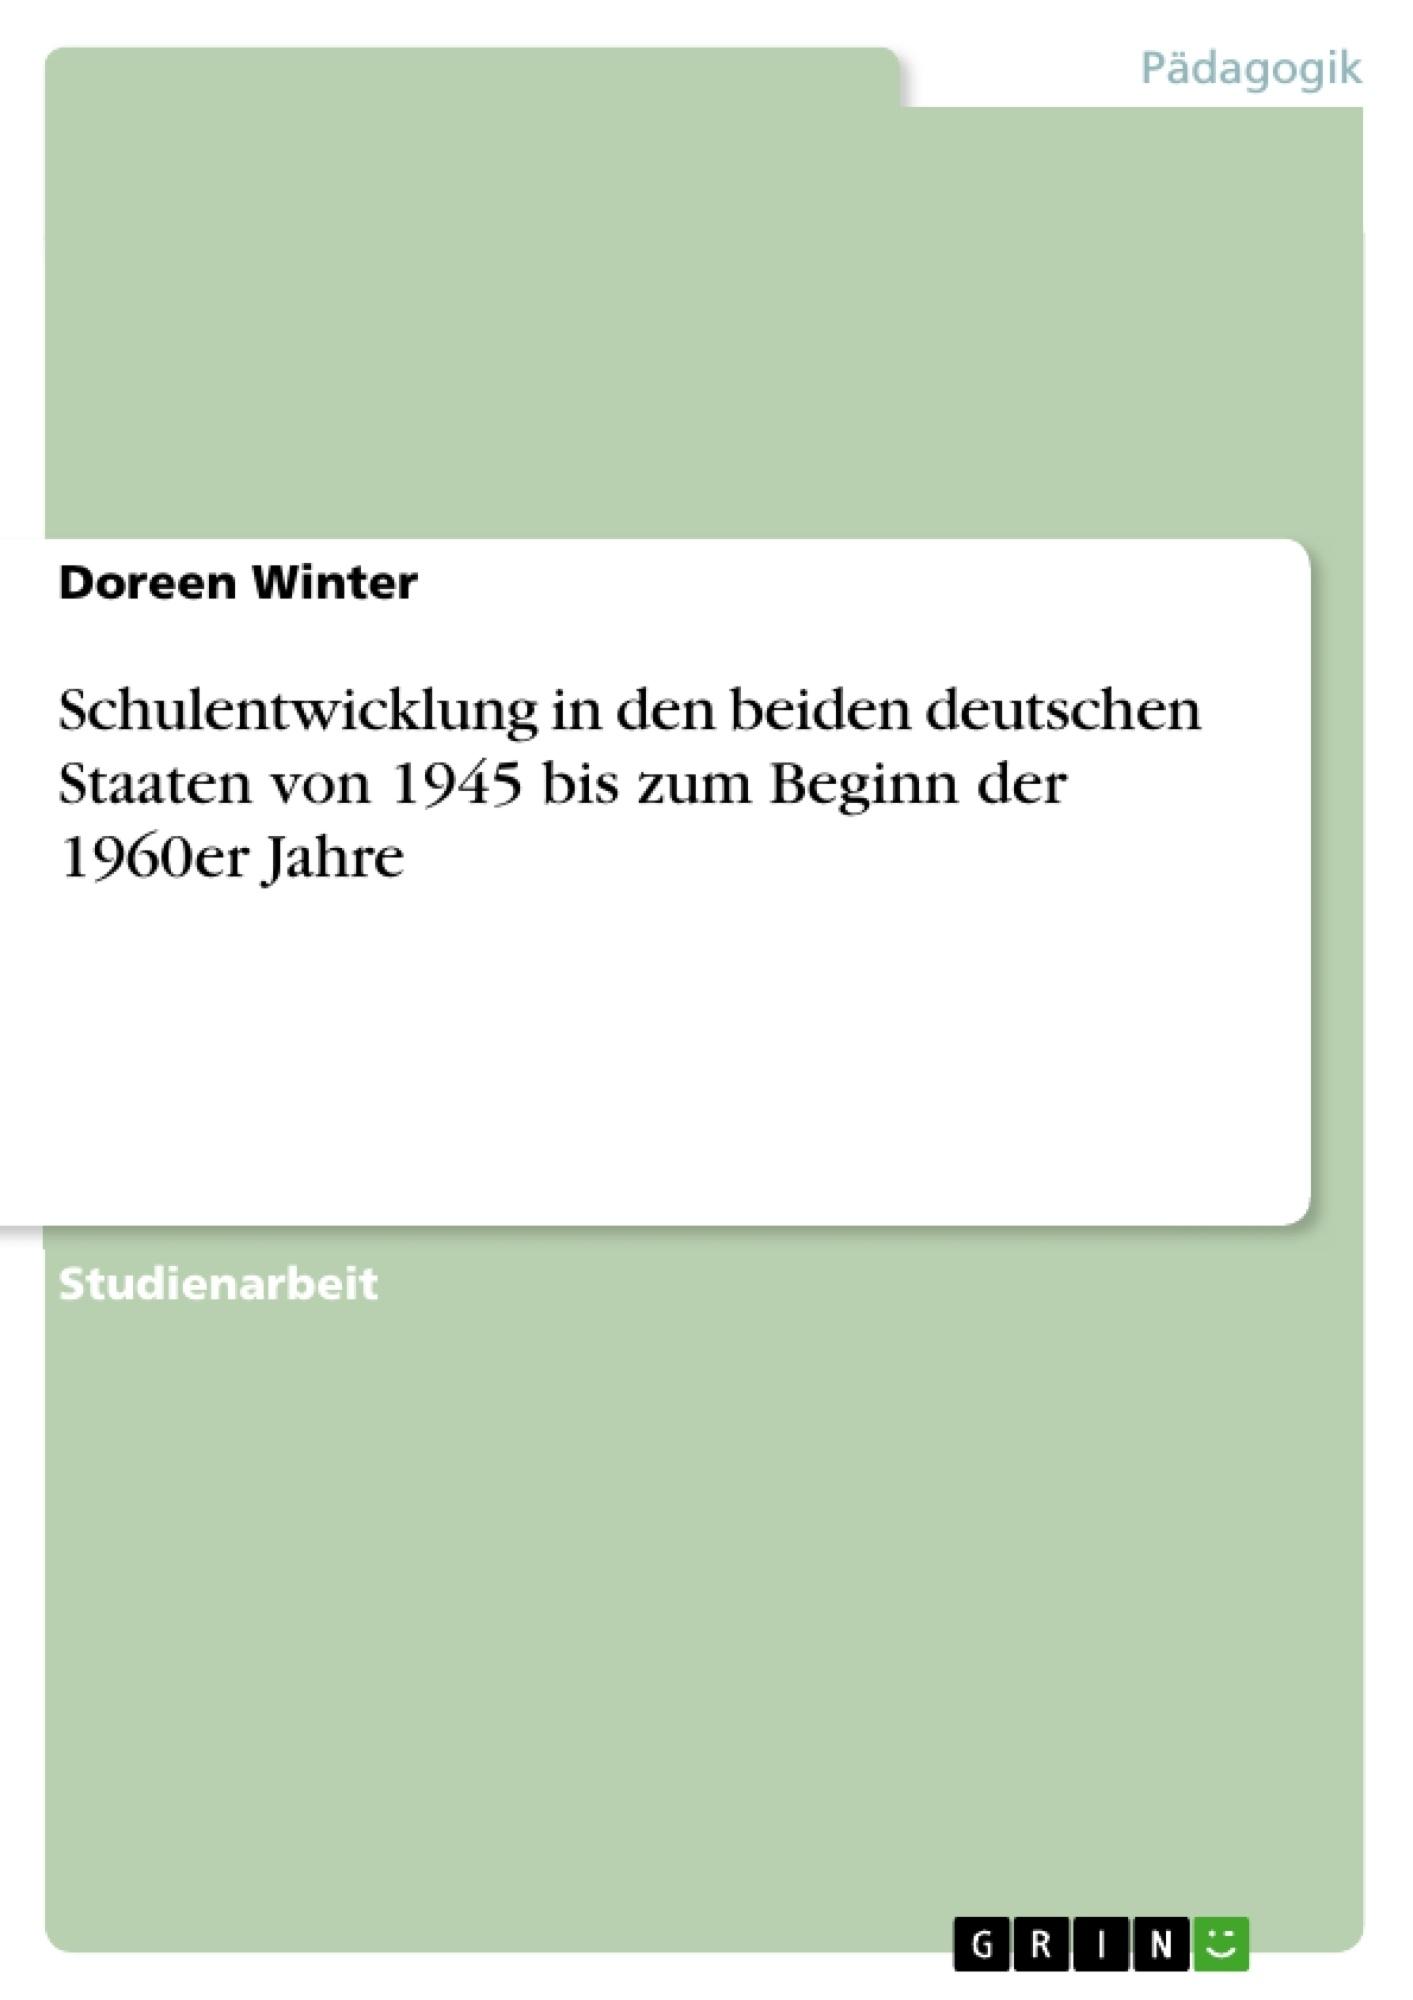 Titel: Schulentwicklung in den beiden deutschen Staaten von 1945 bis zum Beginn der 1960er Jahre